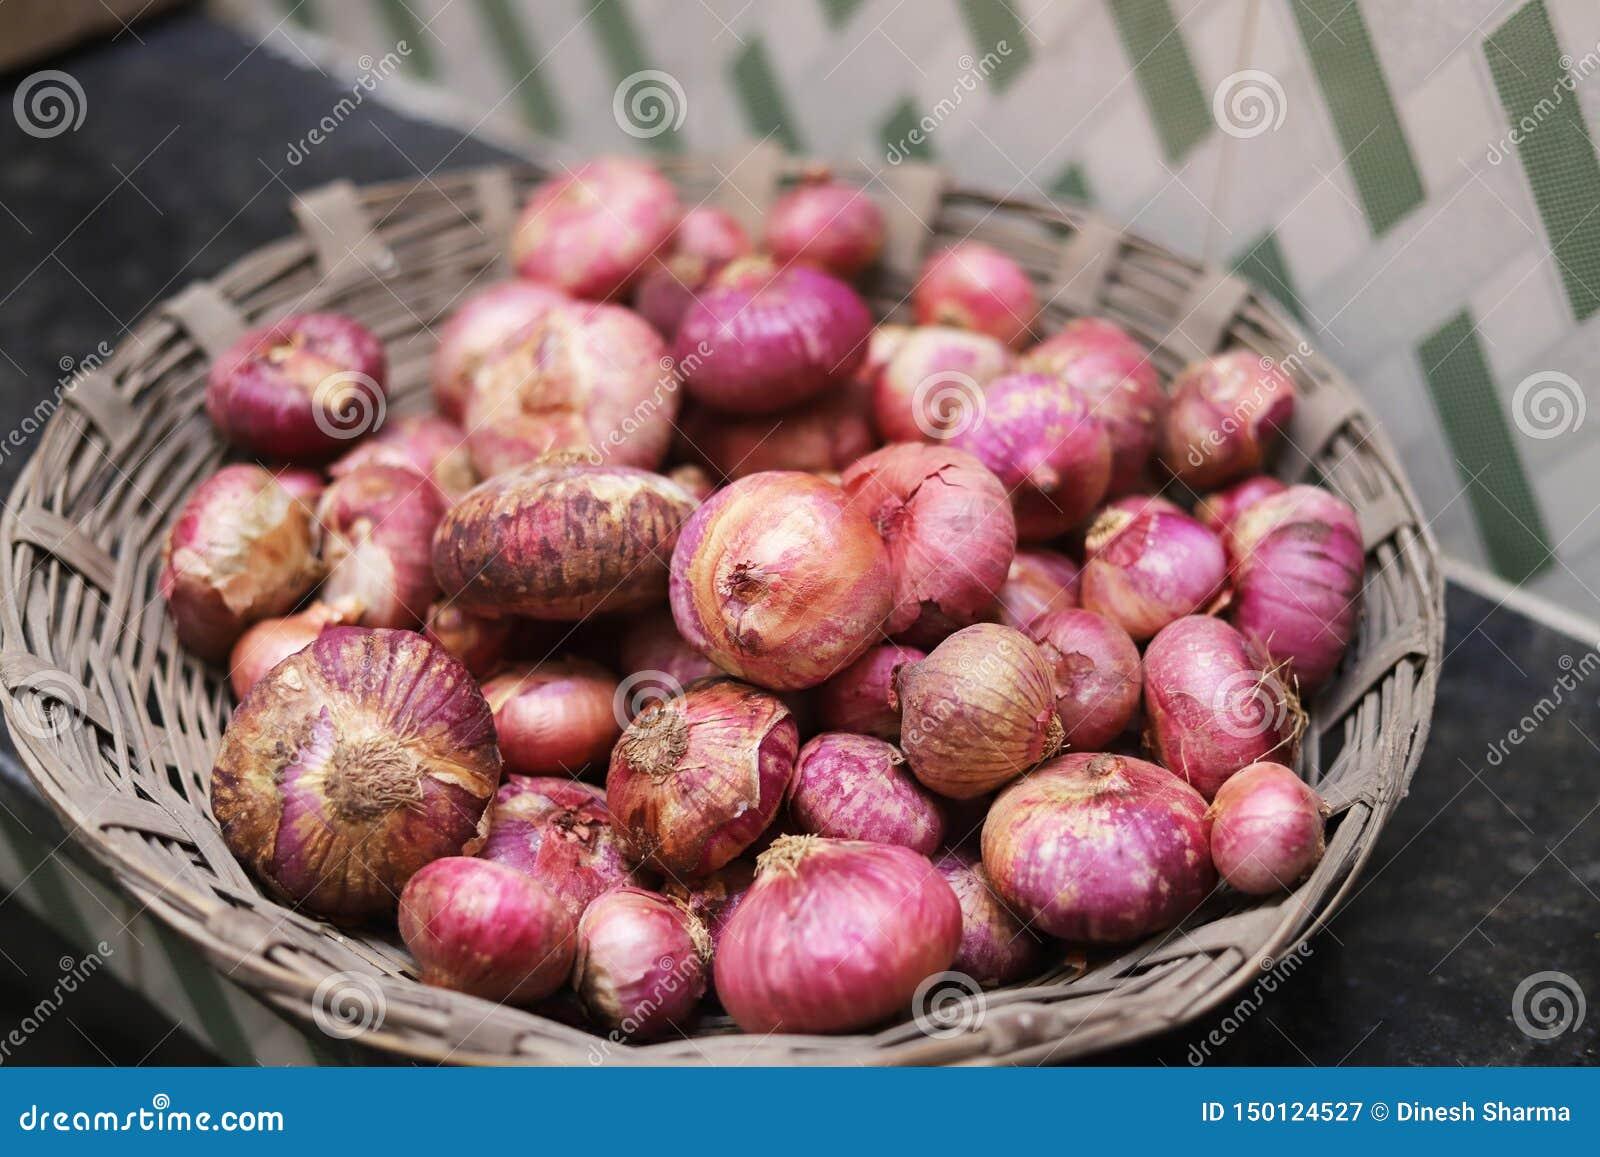 葱是鲜美食物制造商的名字